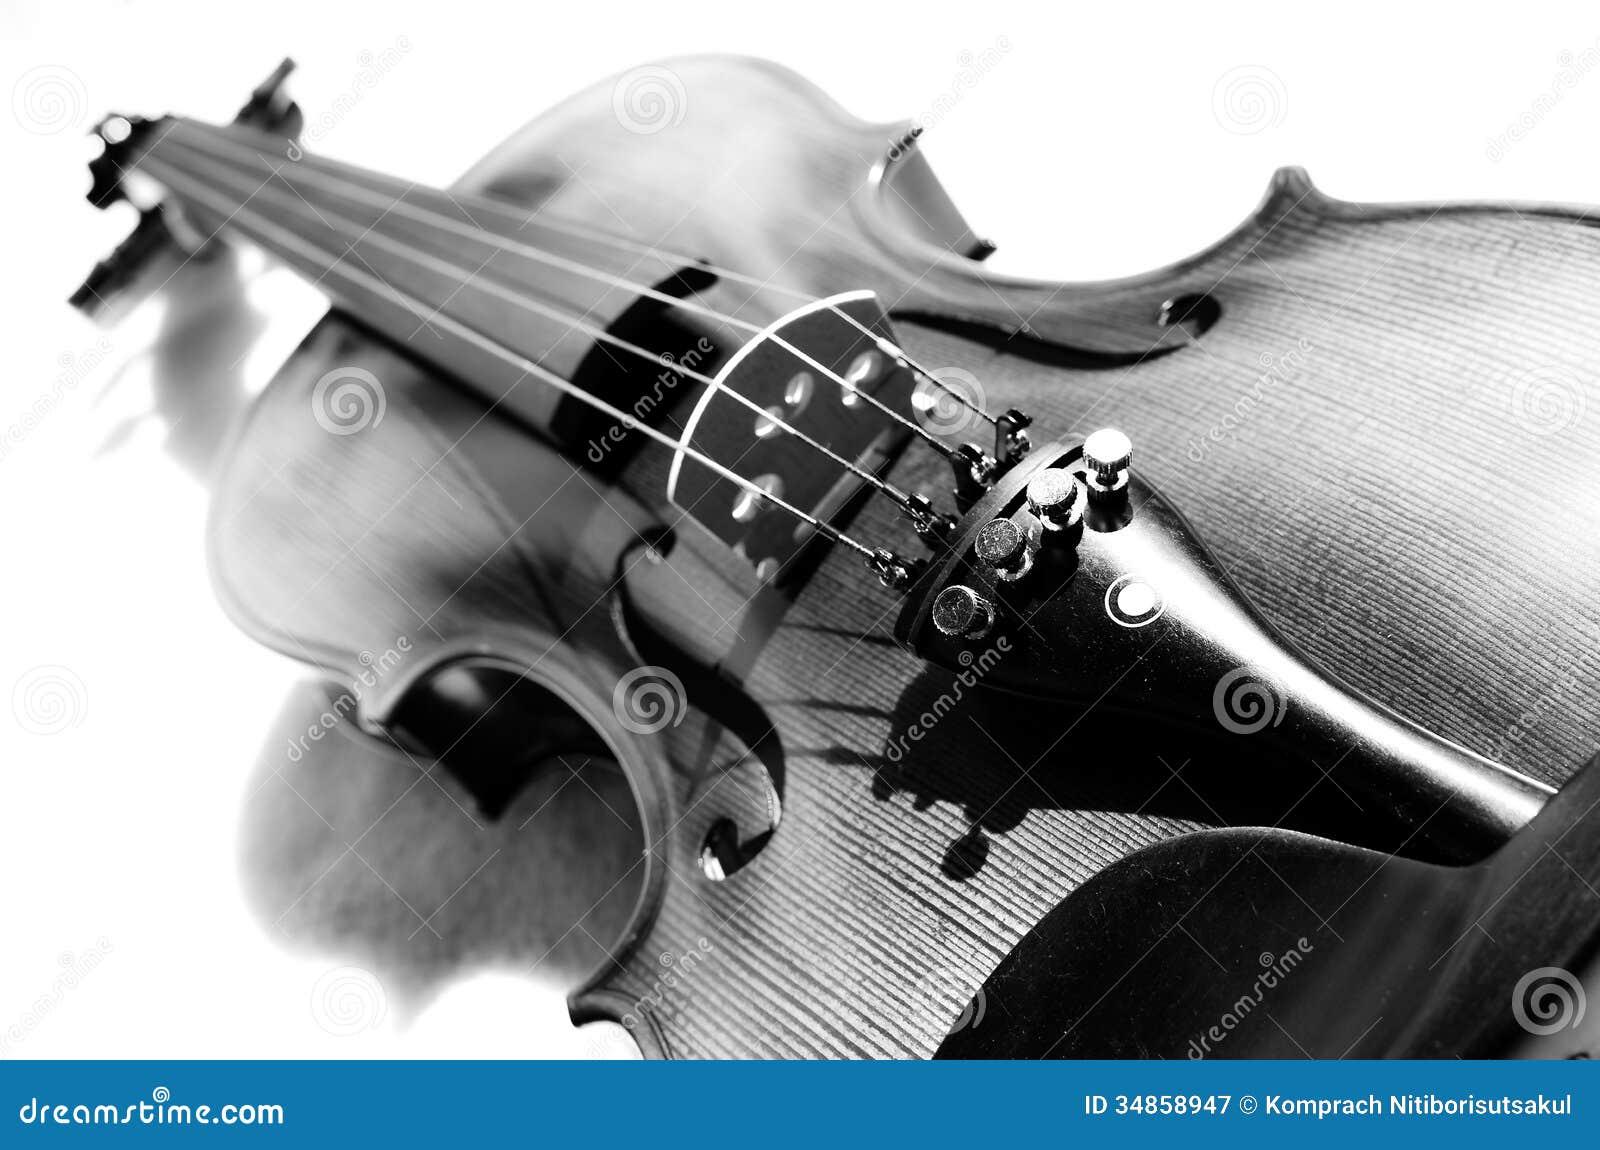 Violin in black and white.